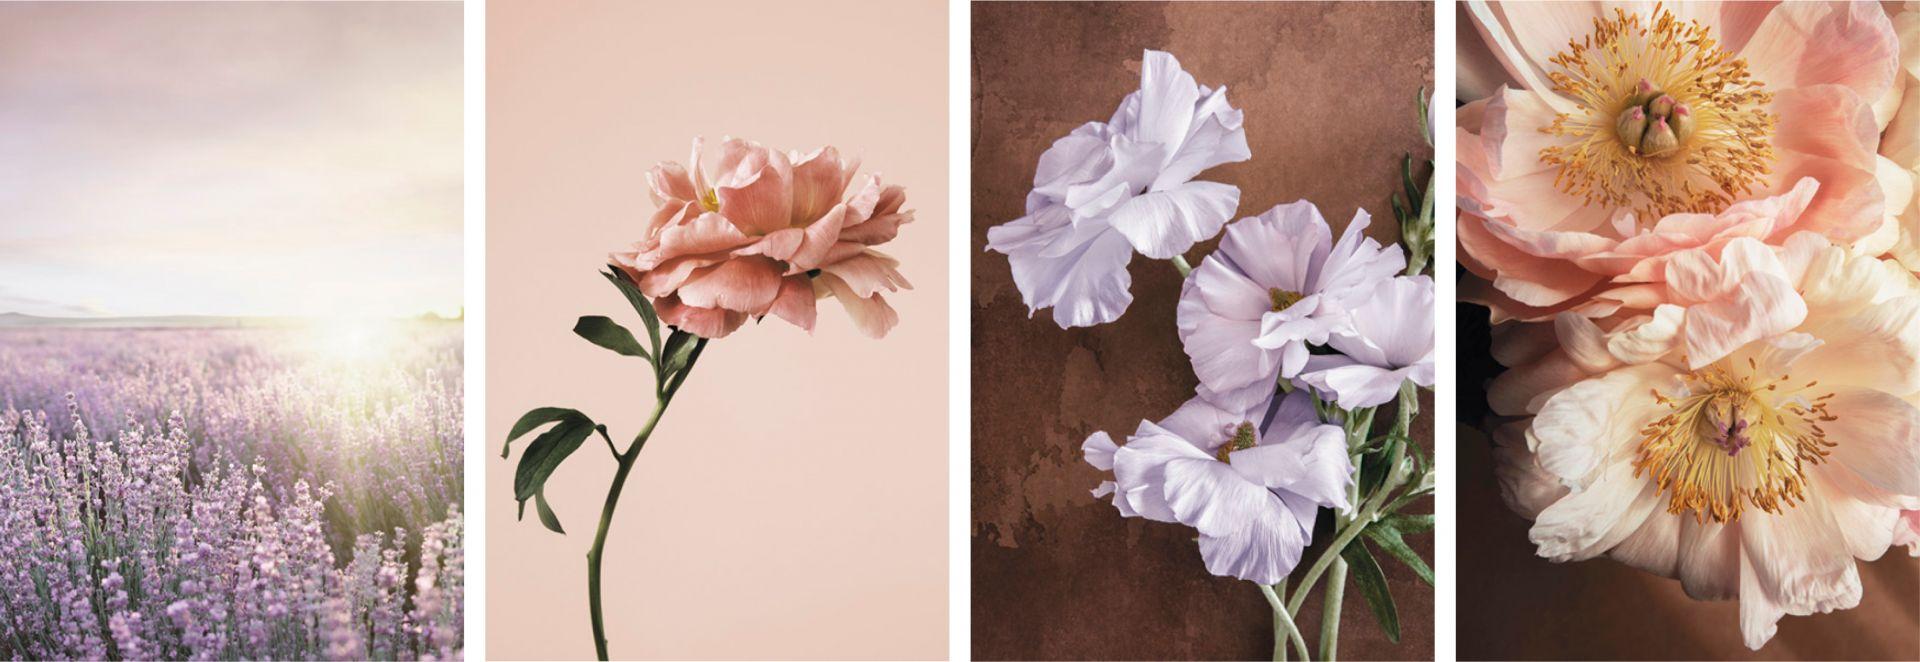 Letnie kwiaty - propozycje plakatów na ścianę. Fot. Desenio.pl